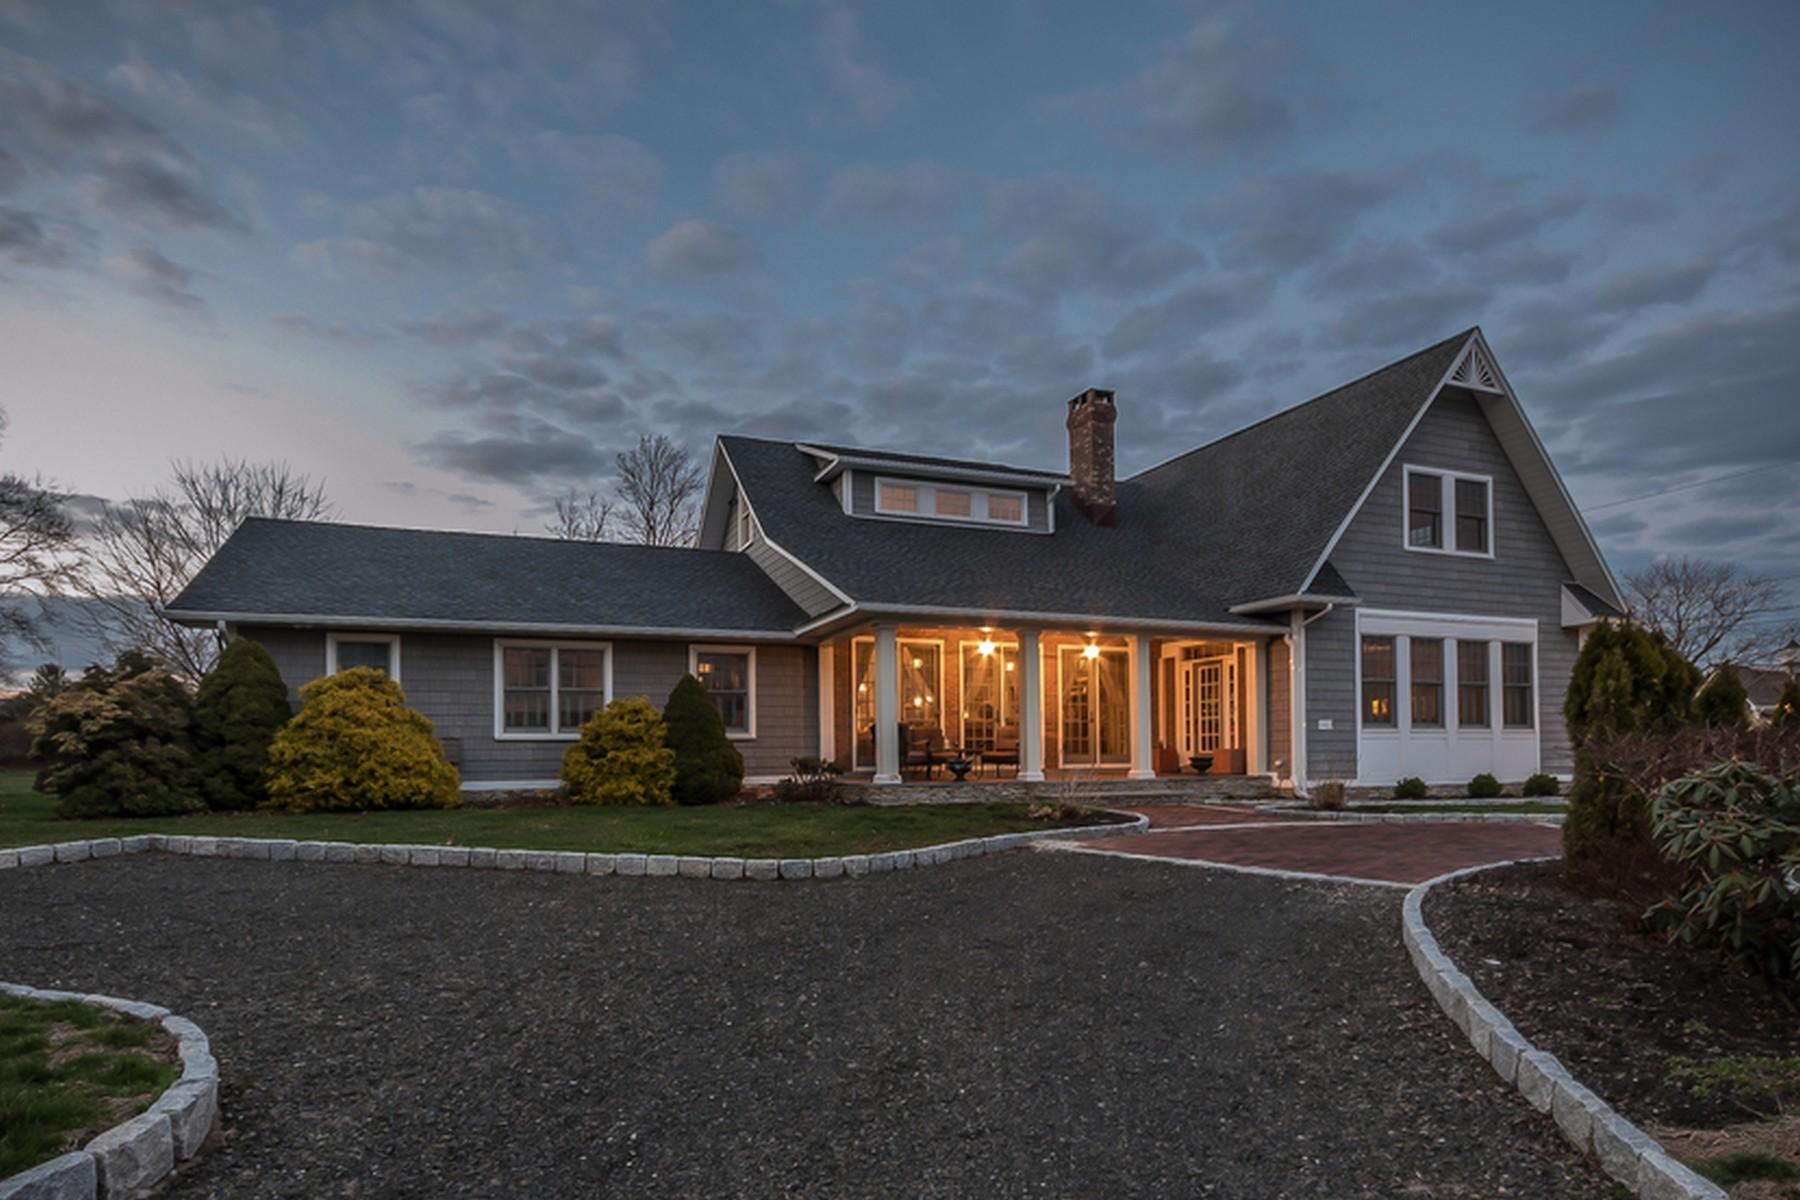 단독 가정 주택 용 매매 에 Lordship Nantucket Inspired Home 140 Bayview Boulevard Stratford, 코네티컷 06615 미국